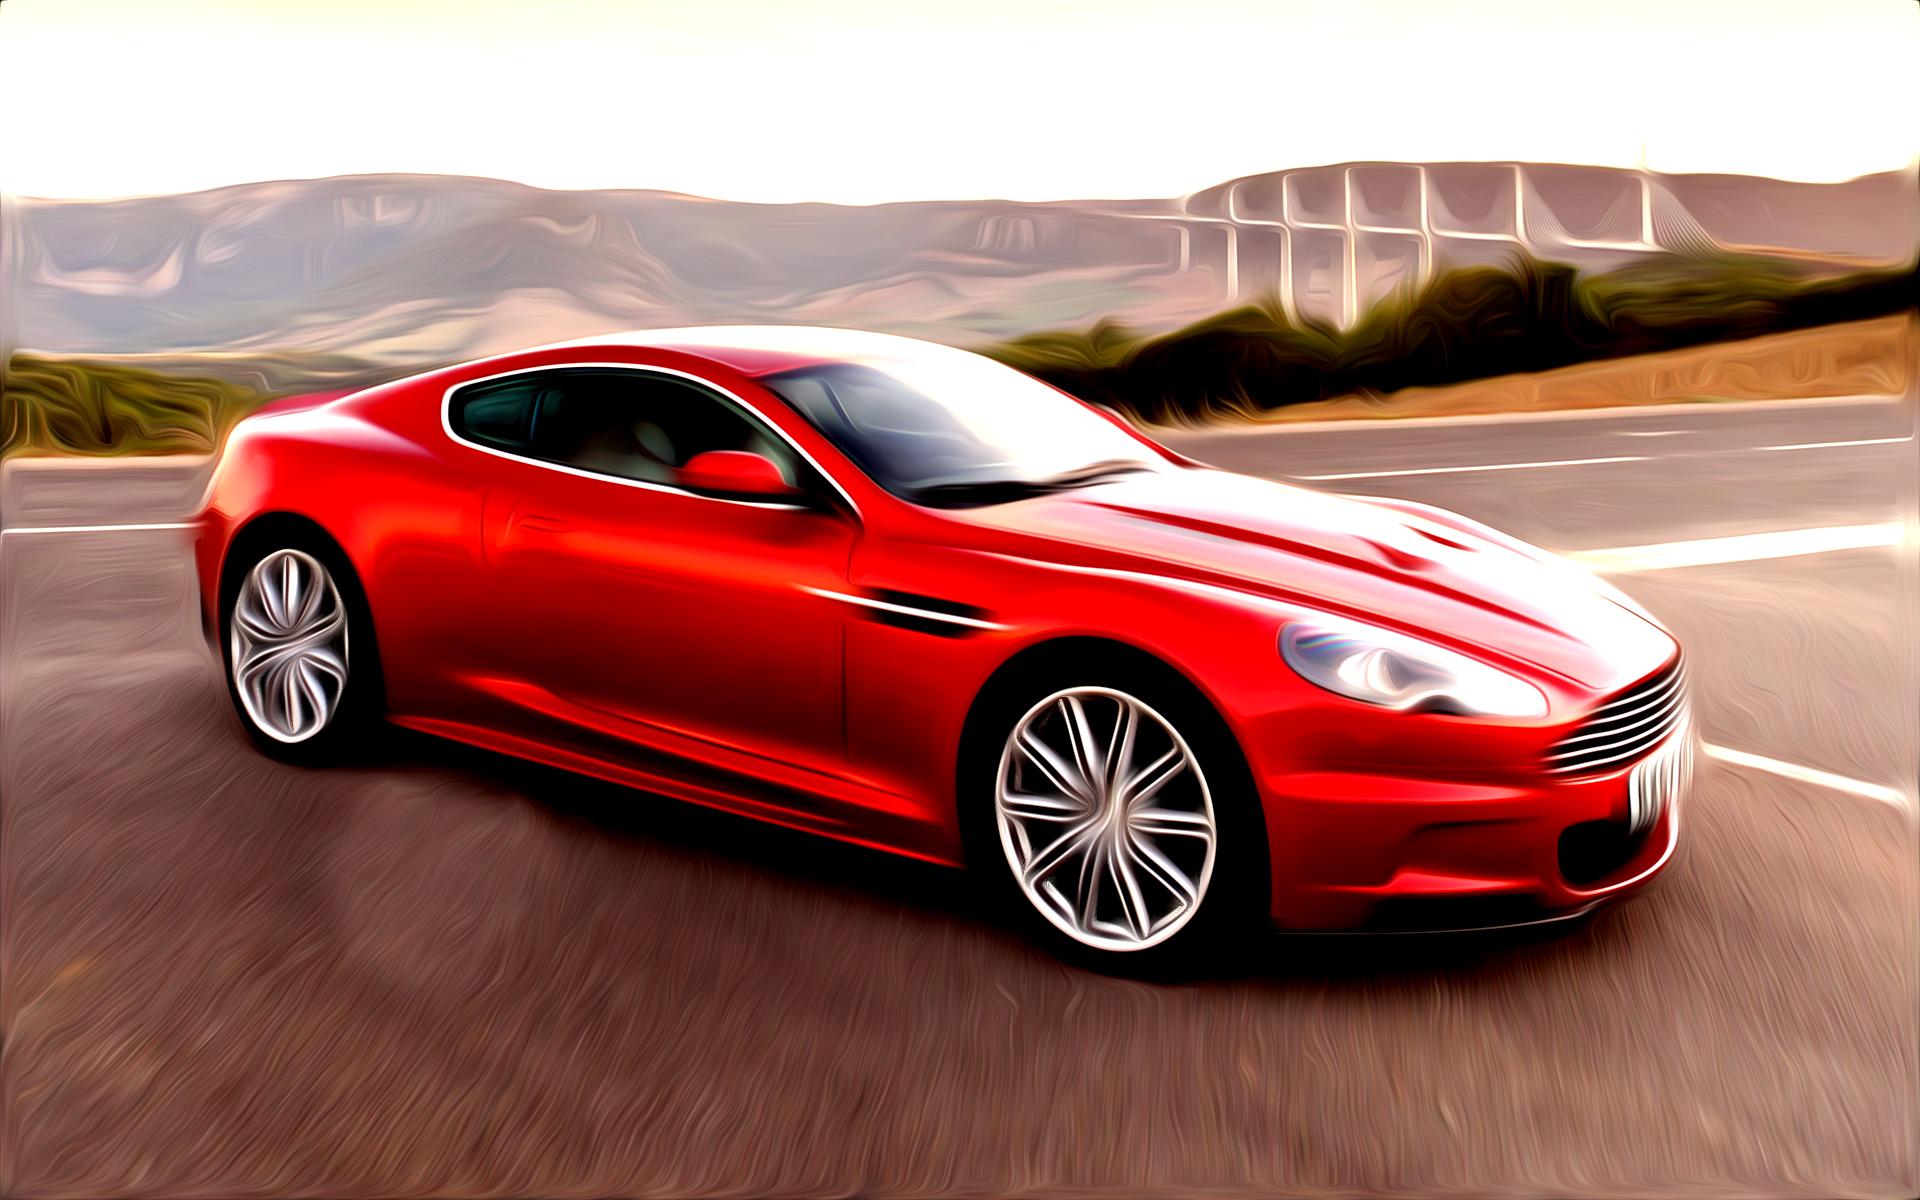 Aston Martin Painted